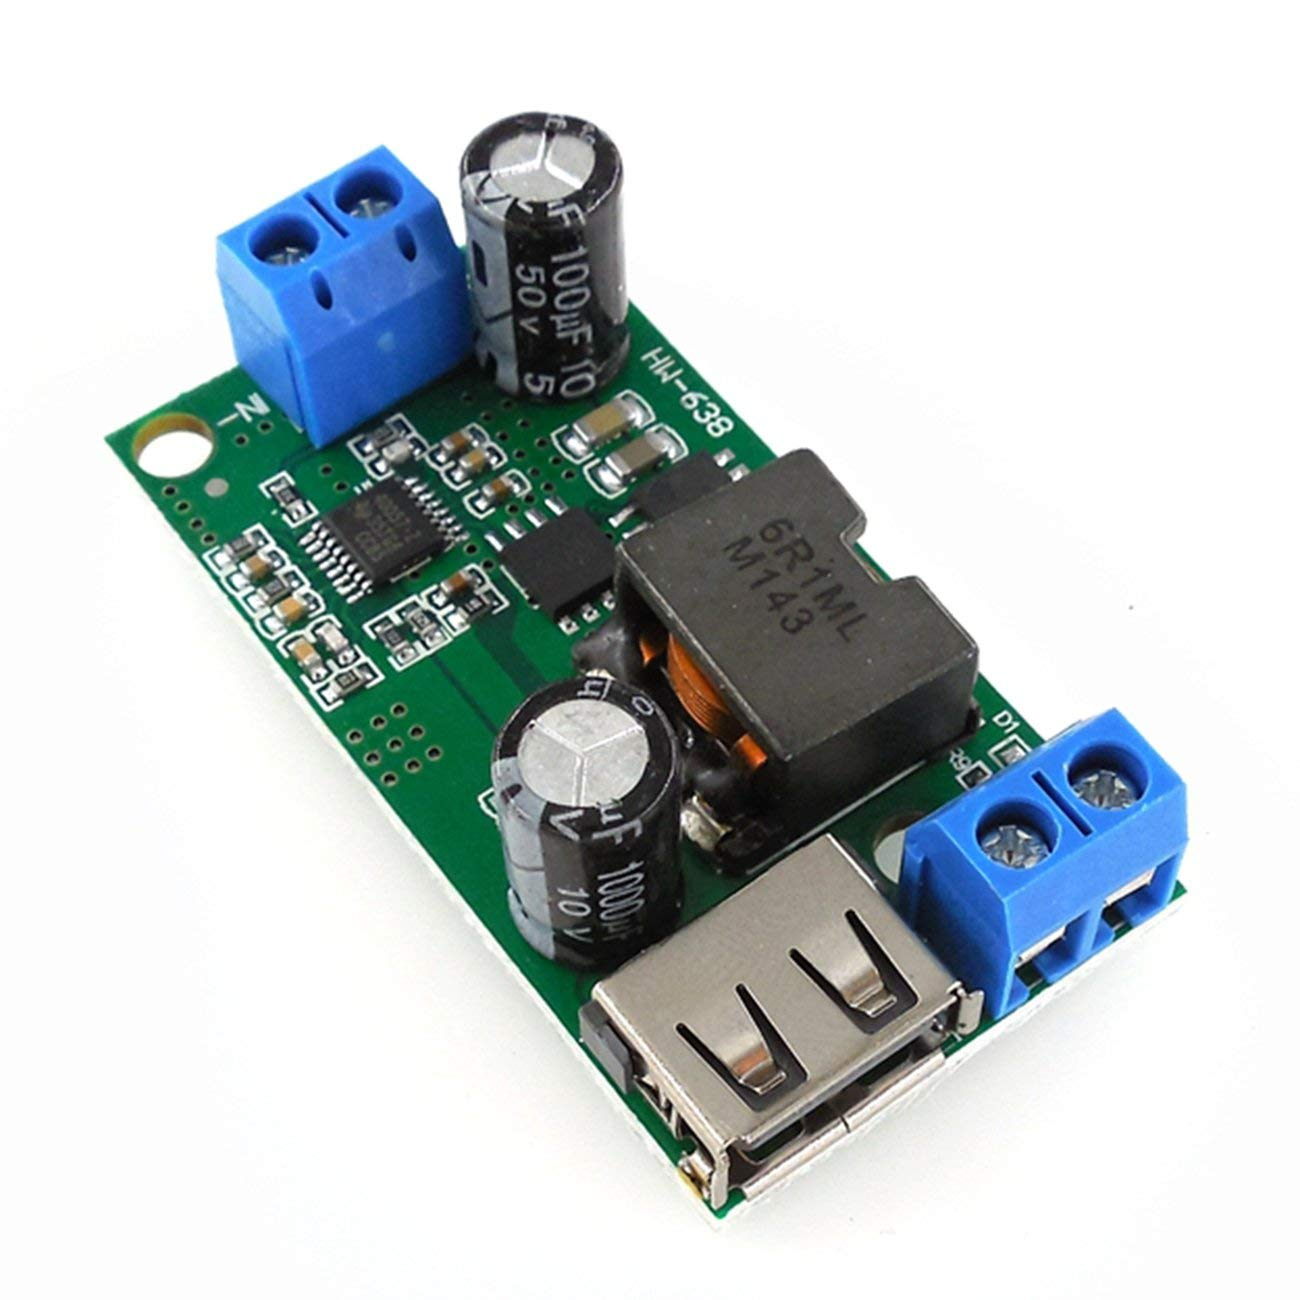 24V 36V a 5V Convertidor de Potencia Reductor 12V HW-638 5V Voltaje Estabilizador 9V